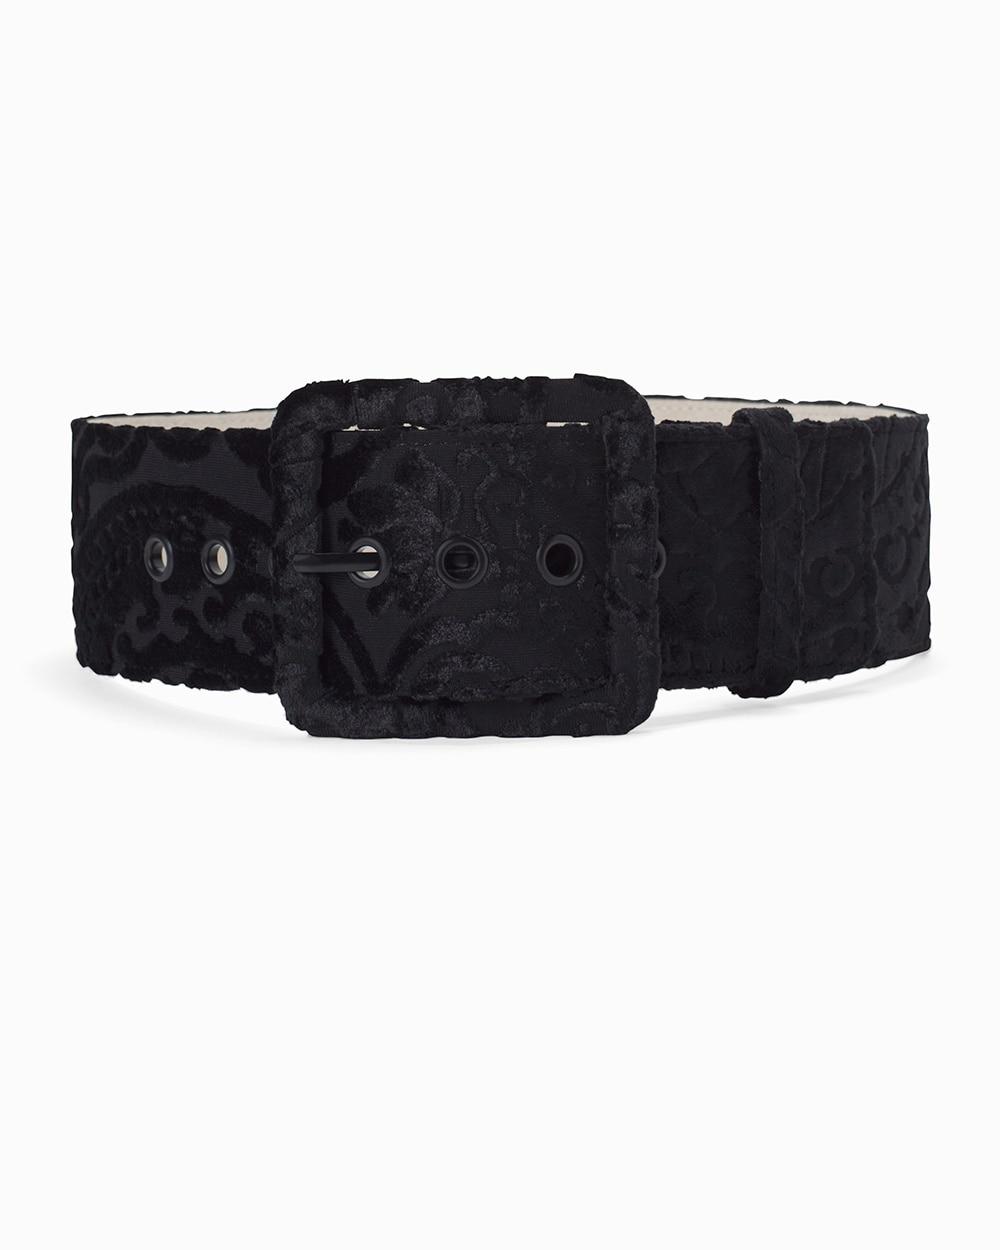 Womens Black Velvet Wide Buckle Belt By White House Black Market